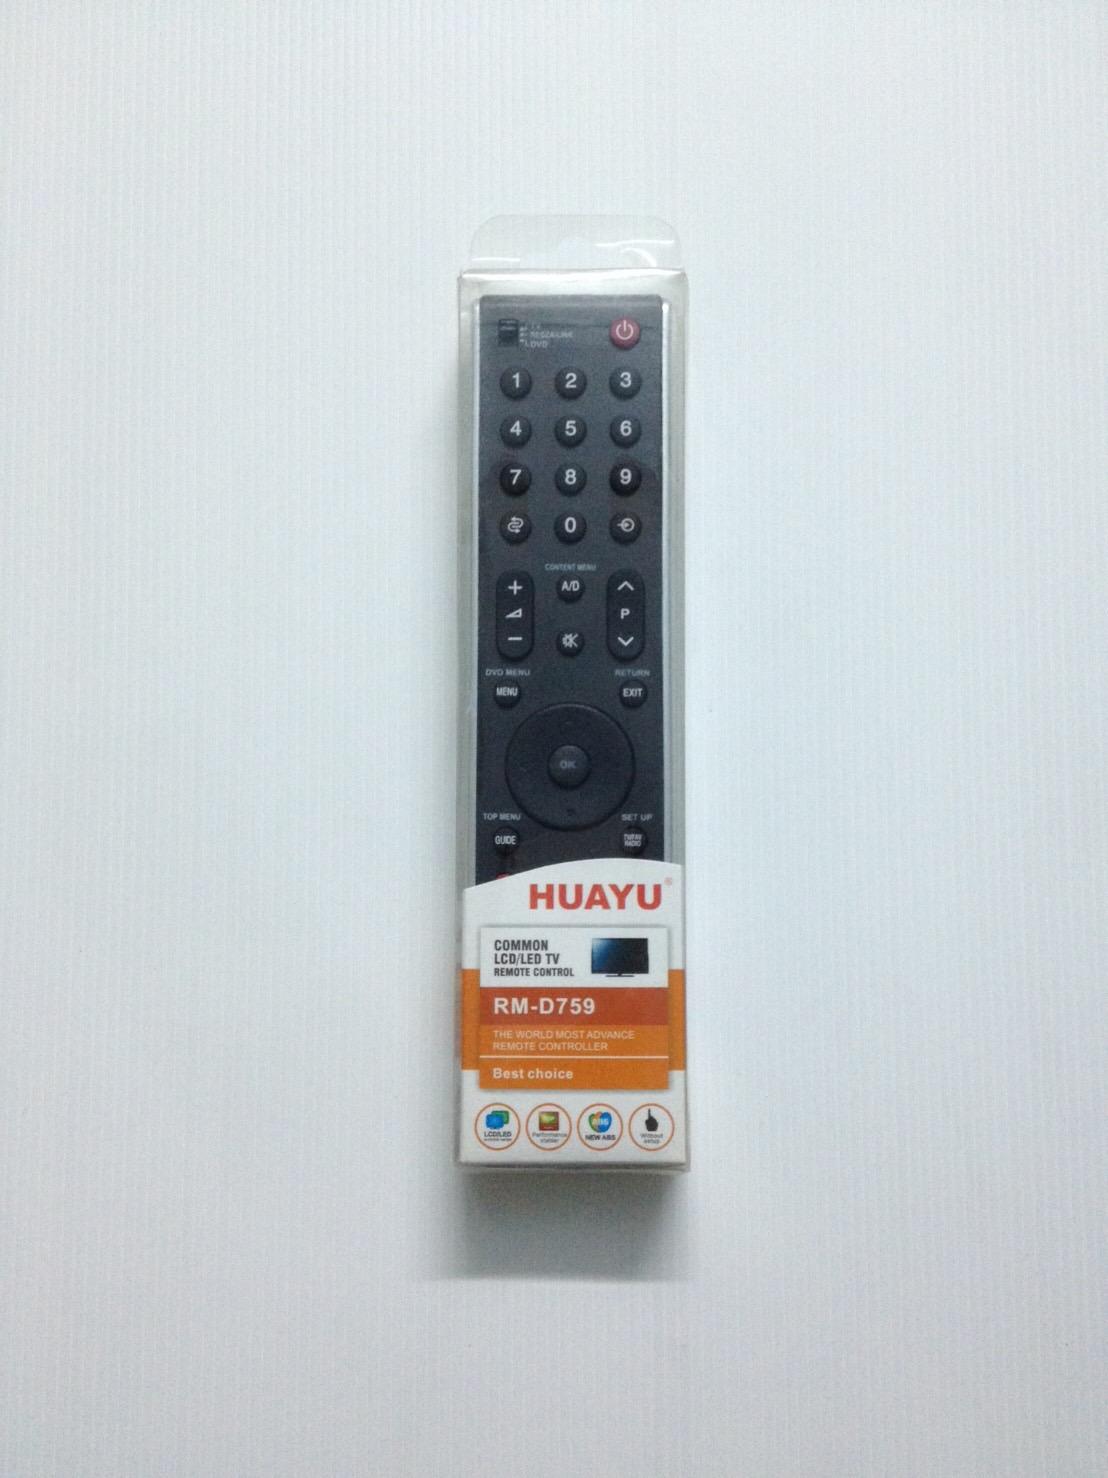 รีโมทรวม แอลซีดี แอลอีดี Toshiba Hauyu RM-D759